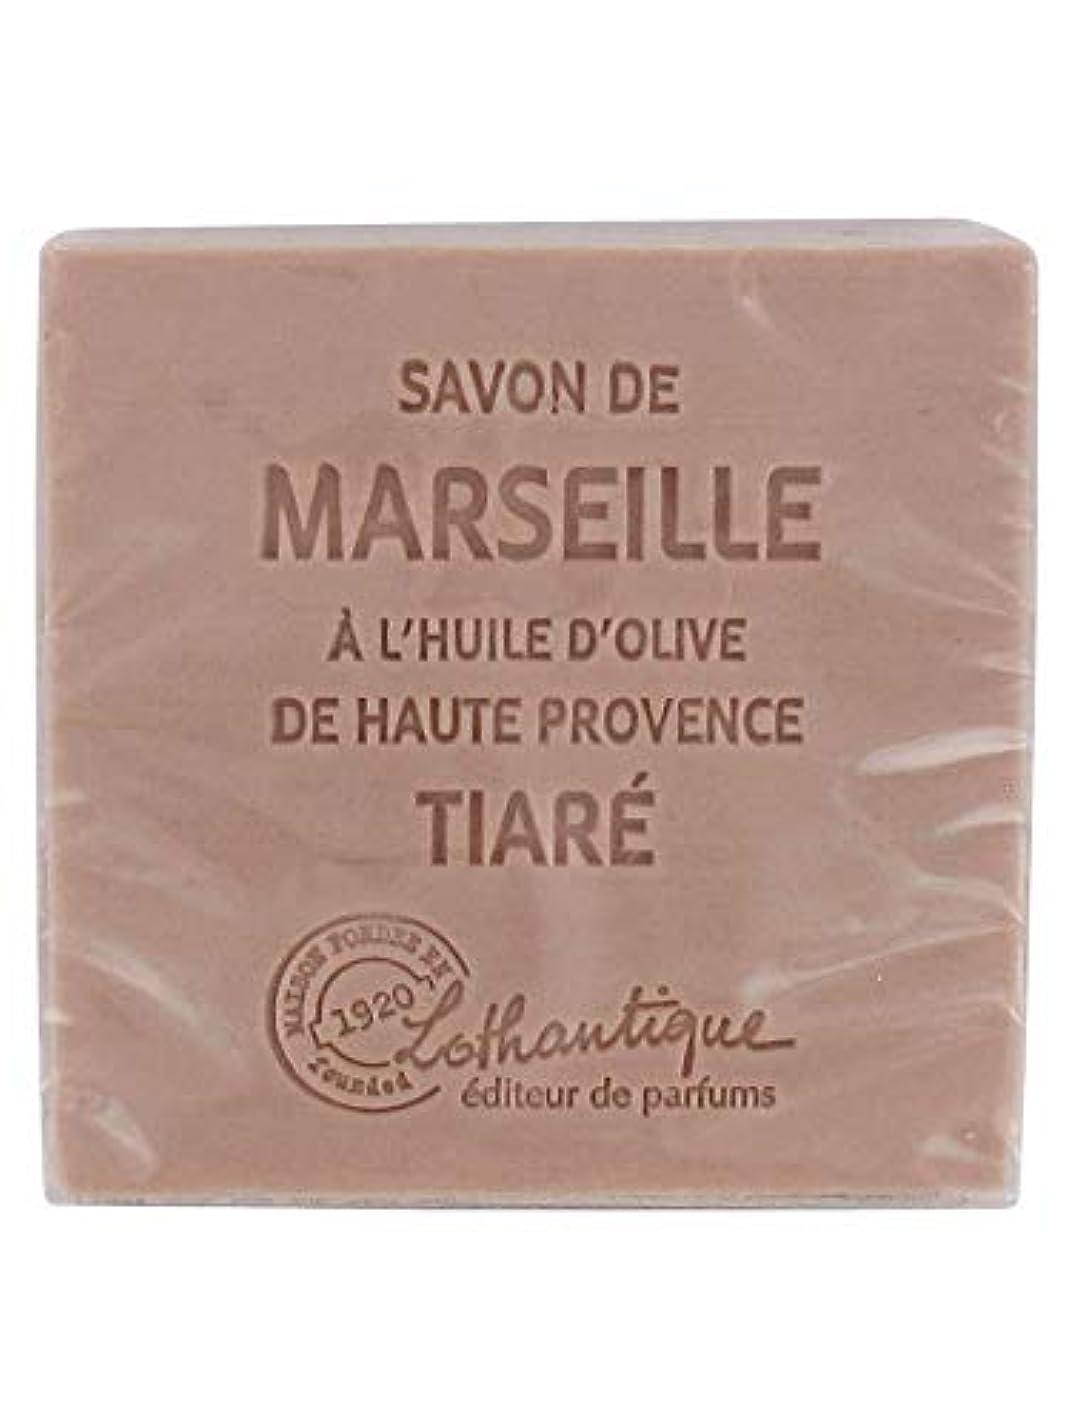 花束けん引同盟Lothantique(ロタンティック) Les savons de Marseille(マルセイユソープ) マルセイユソープ 100g 「ティアラ」 3420070038098